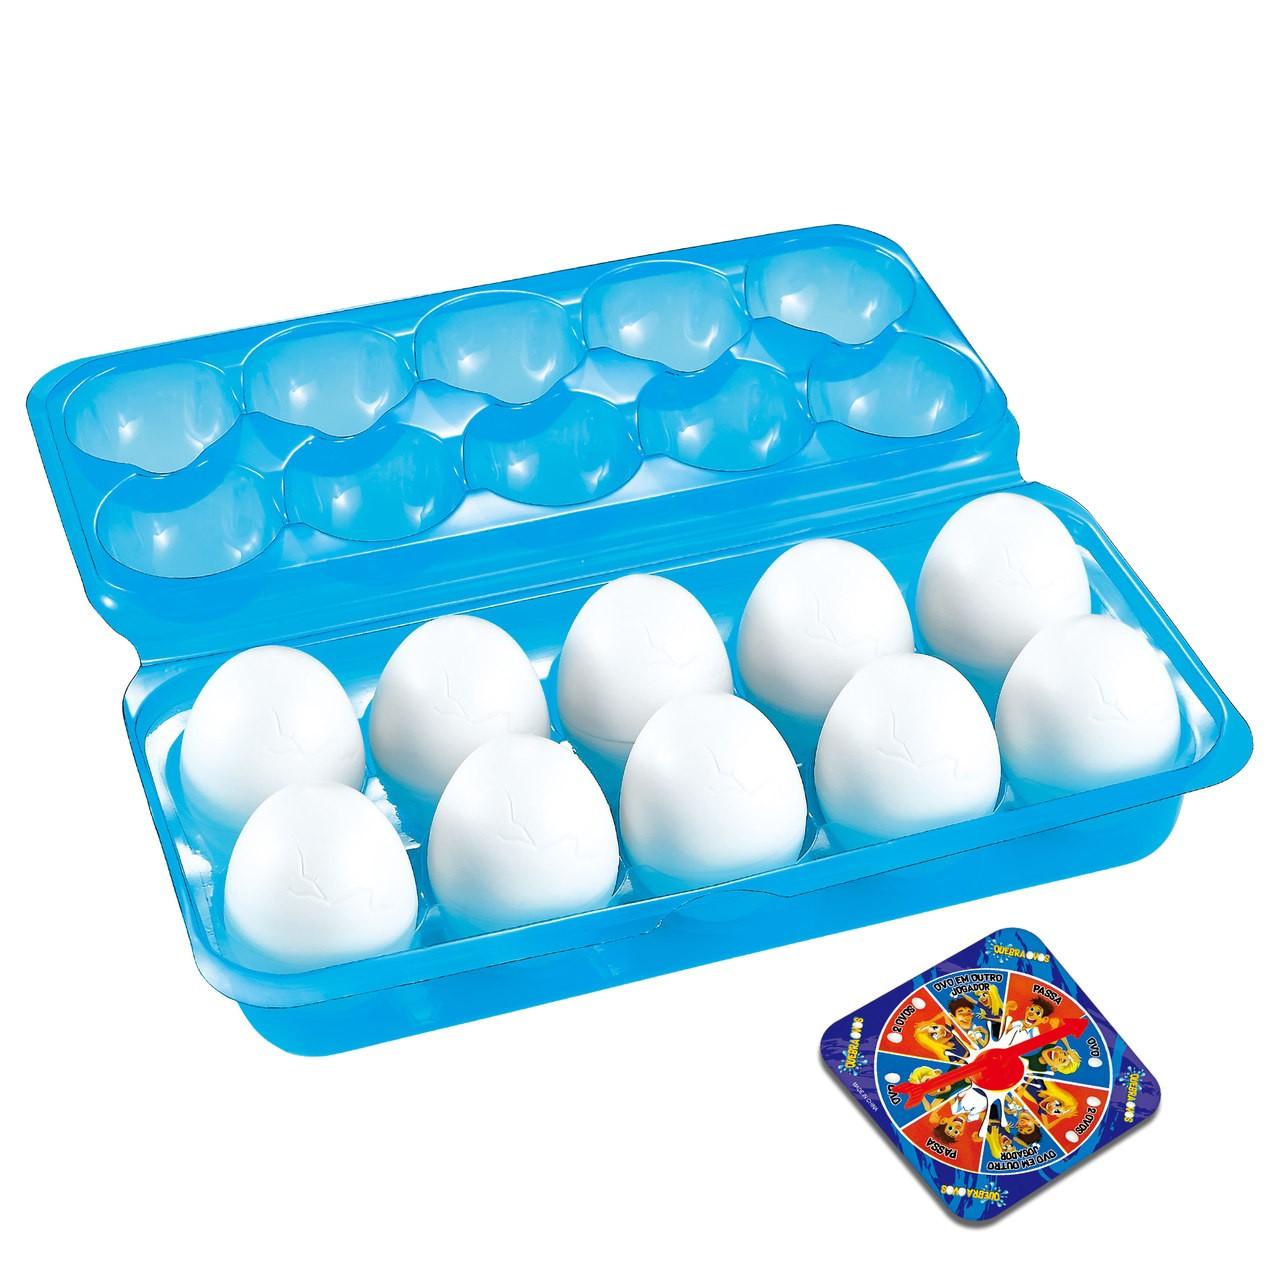 Jogo Quebra Ovos 070-6 - Braskit